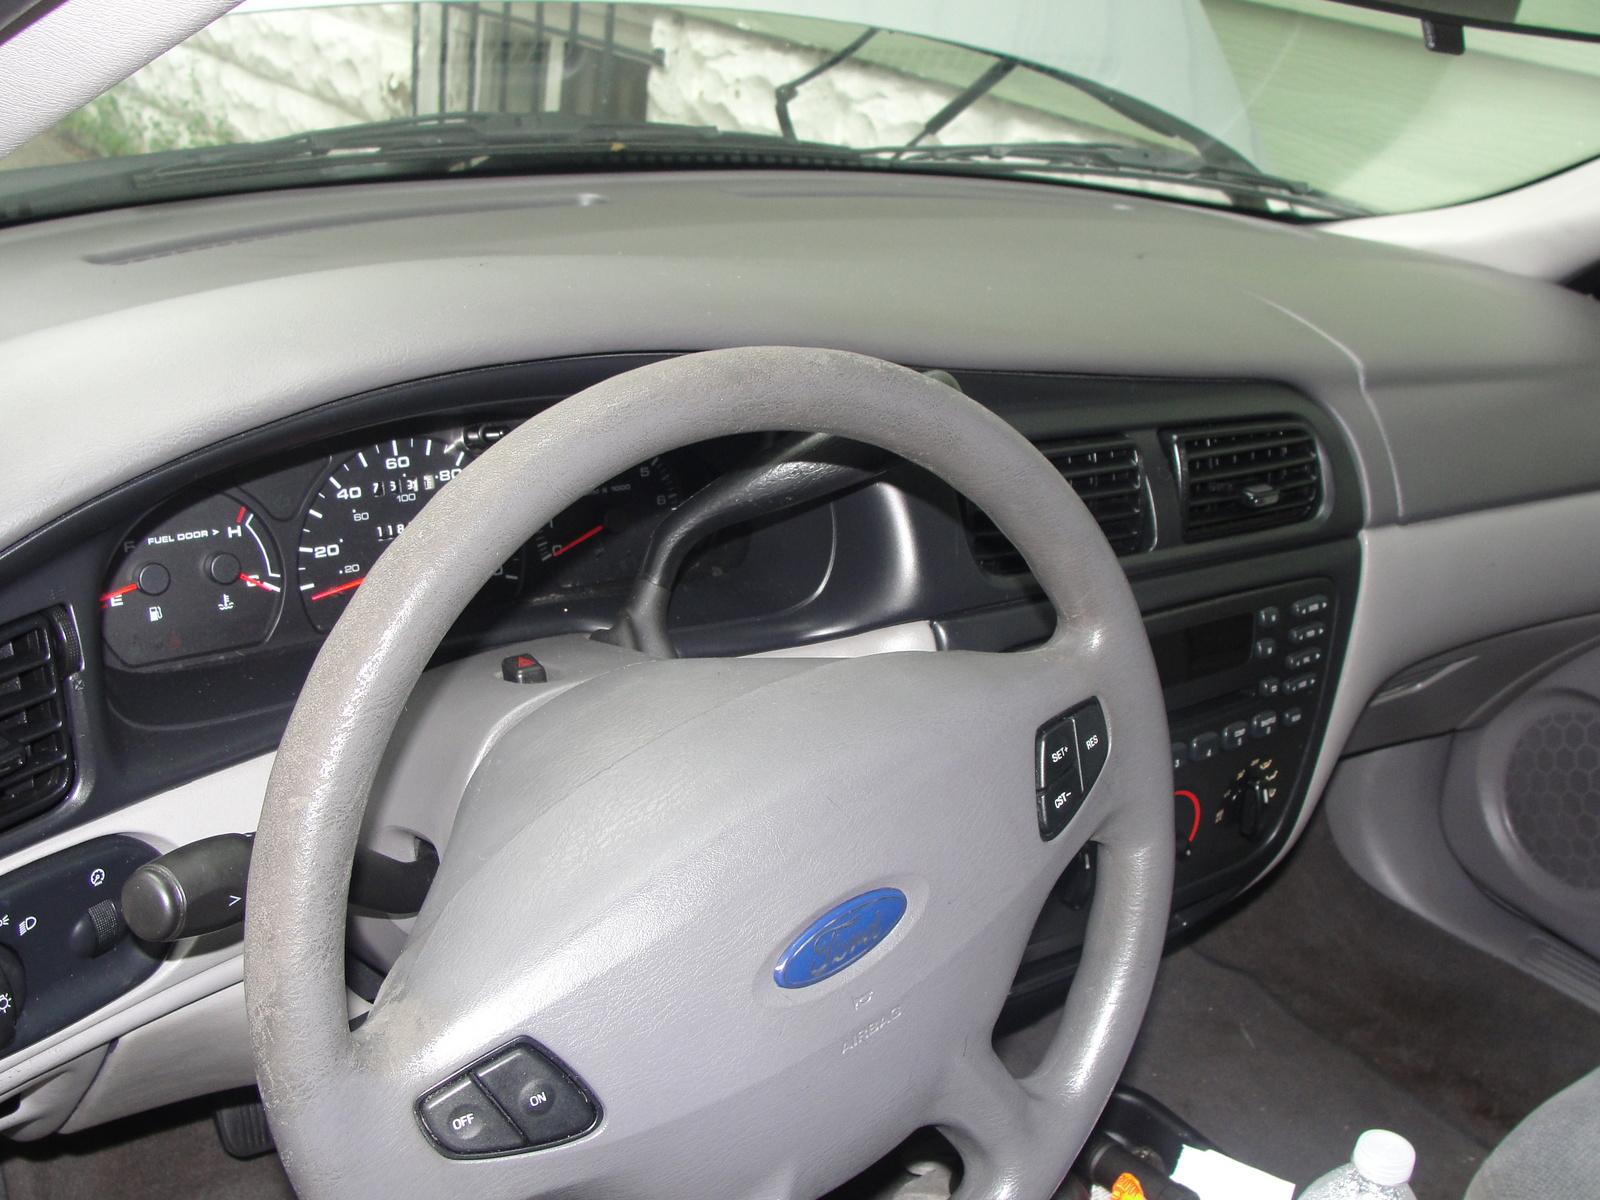 2001 Ford Taurus Interior Pictures Cargurus